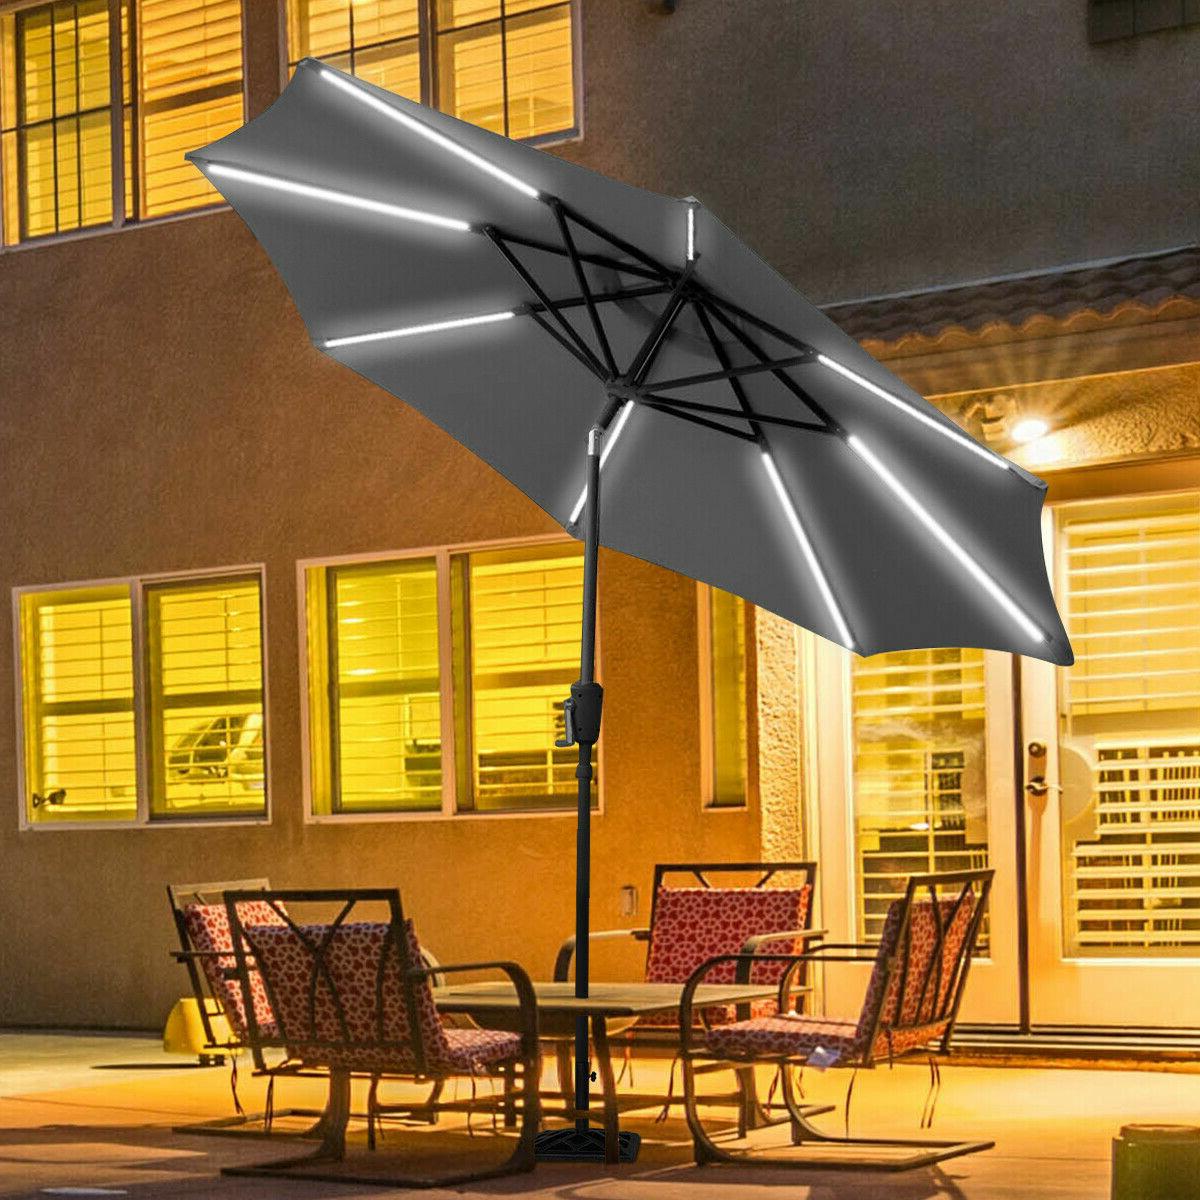 2020 Sinclair 9' Patio Led Light Market Umbrella Inside Herlinda Solar Lighted Market Umbrellas (Gallery 13 of 20)